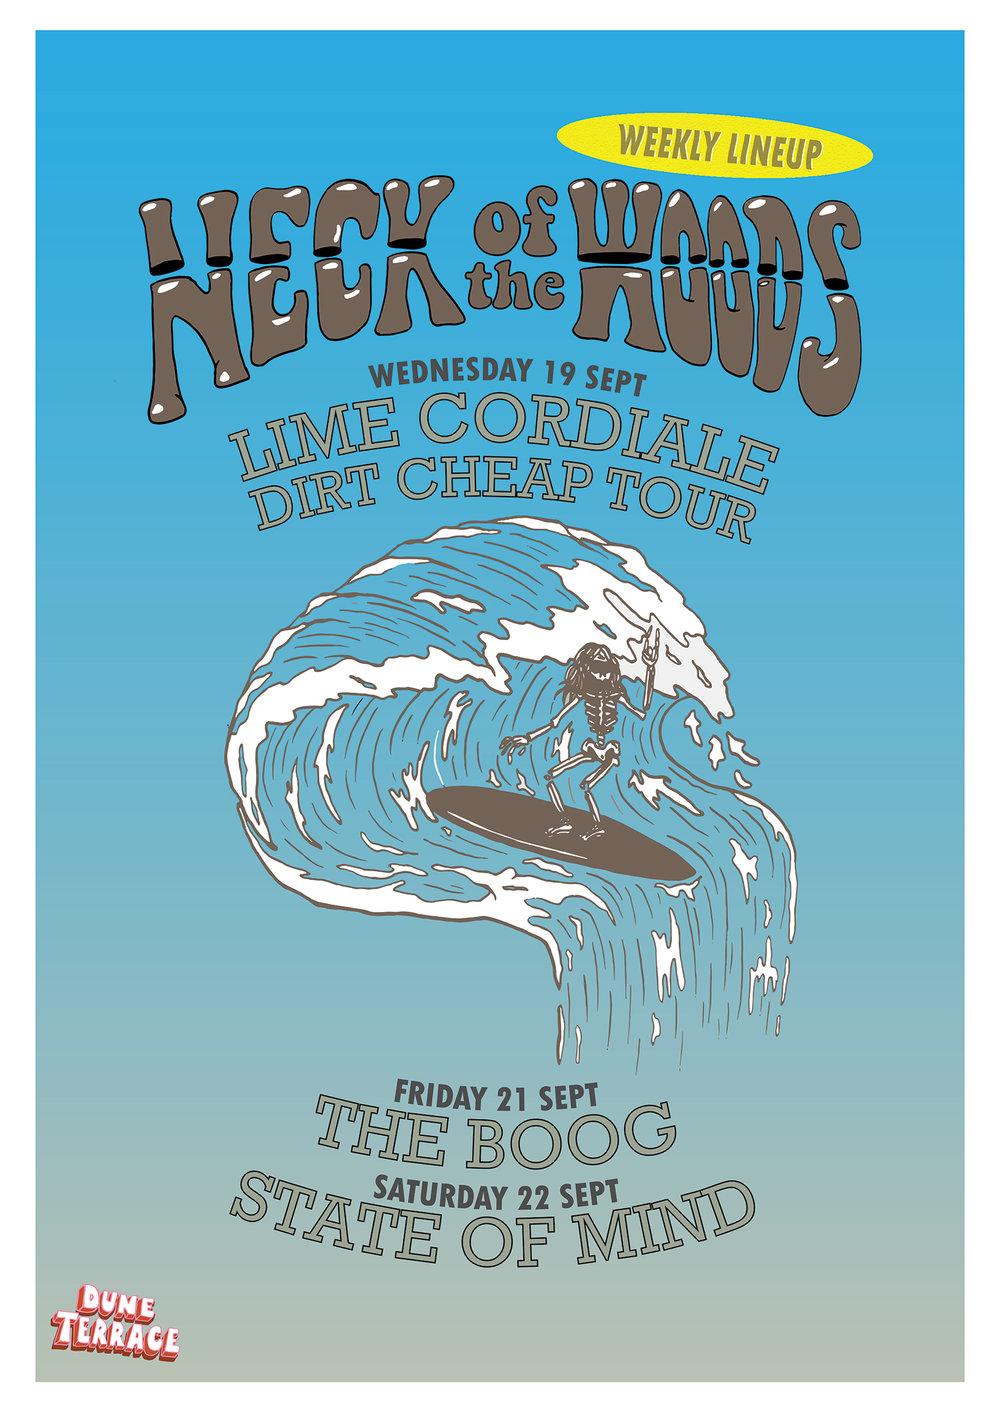 NOTW-WEEK-4-SURF-03_web.jpg